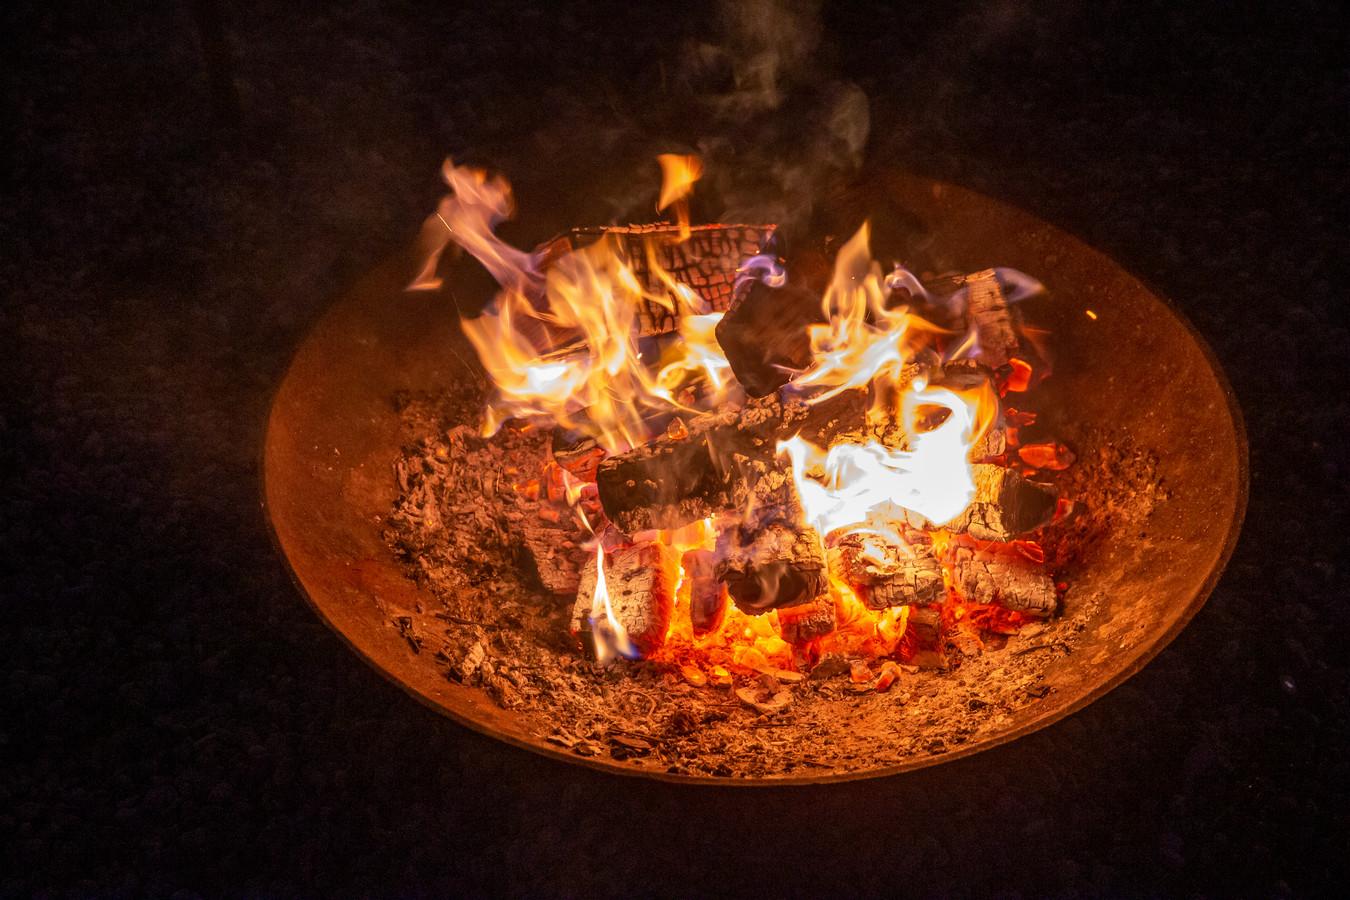 Er zal onder meer een avond rond kampvuurkoken georganiseerd worden.